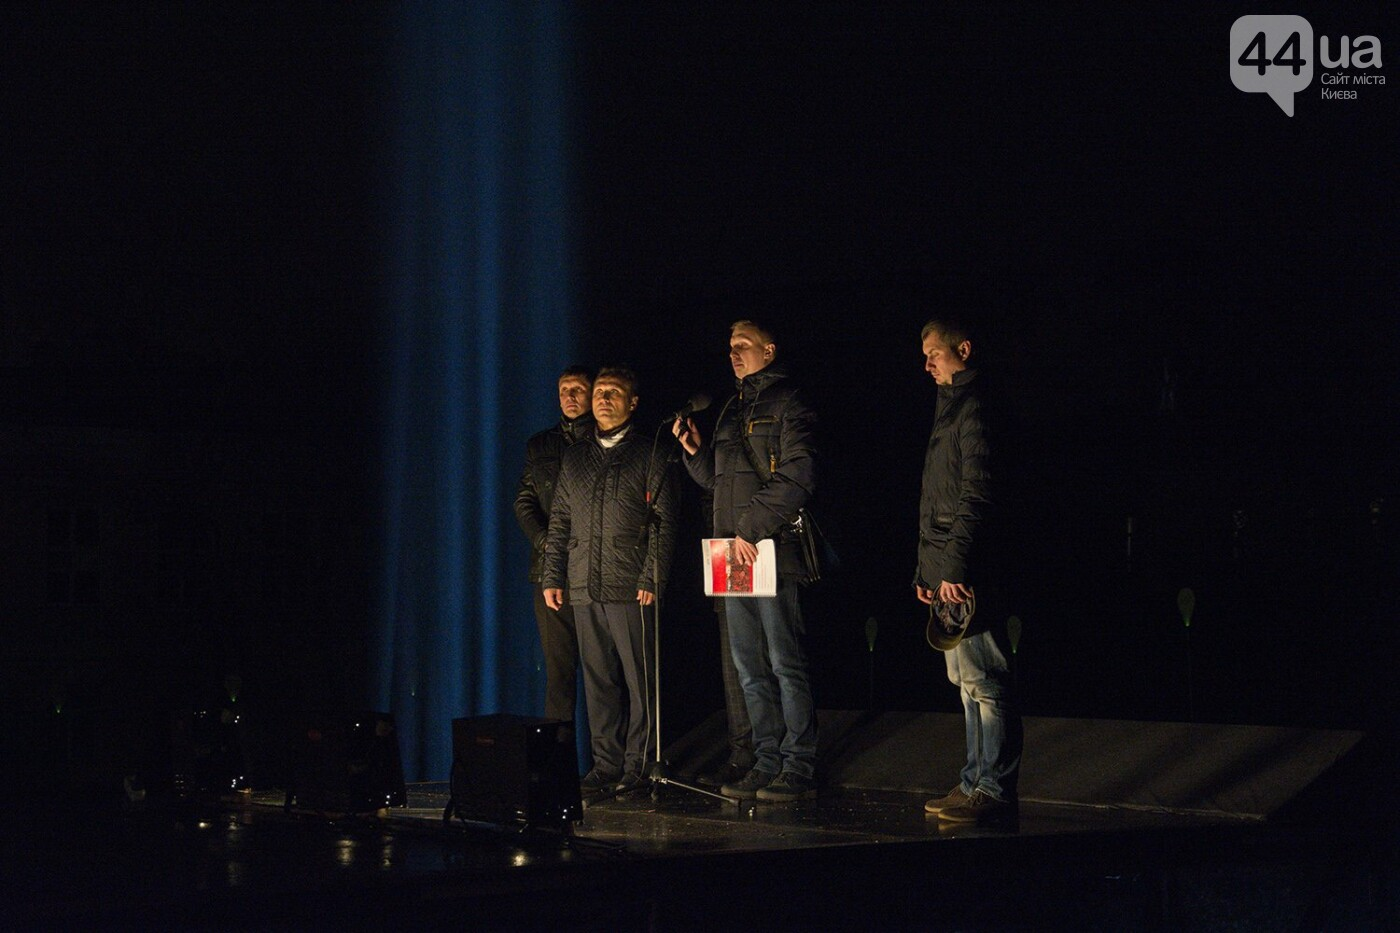 Годовщина Евромайдана: в Киеве зажгли Лучи достоинства, фото-2